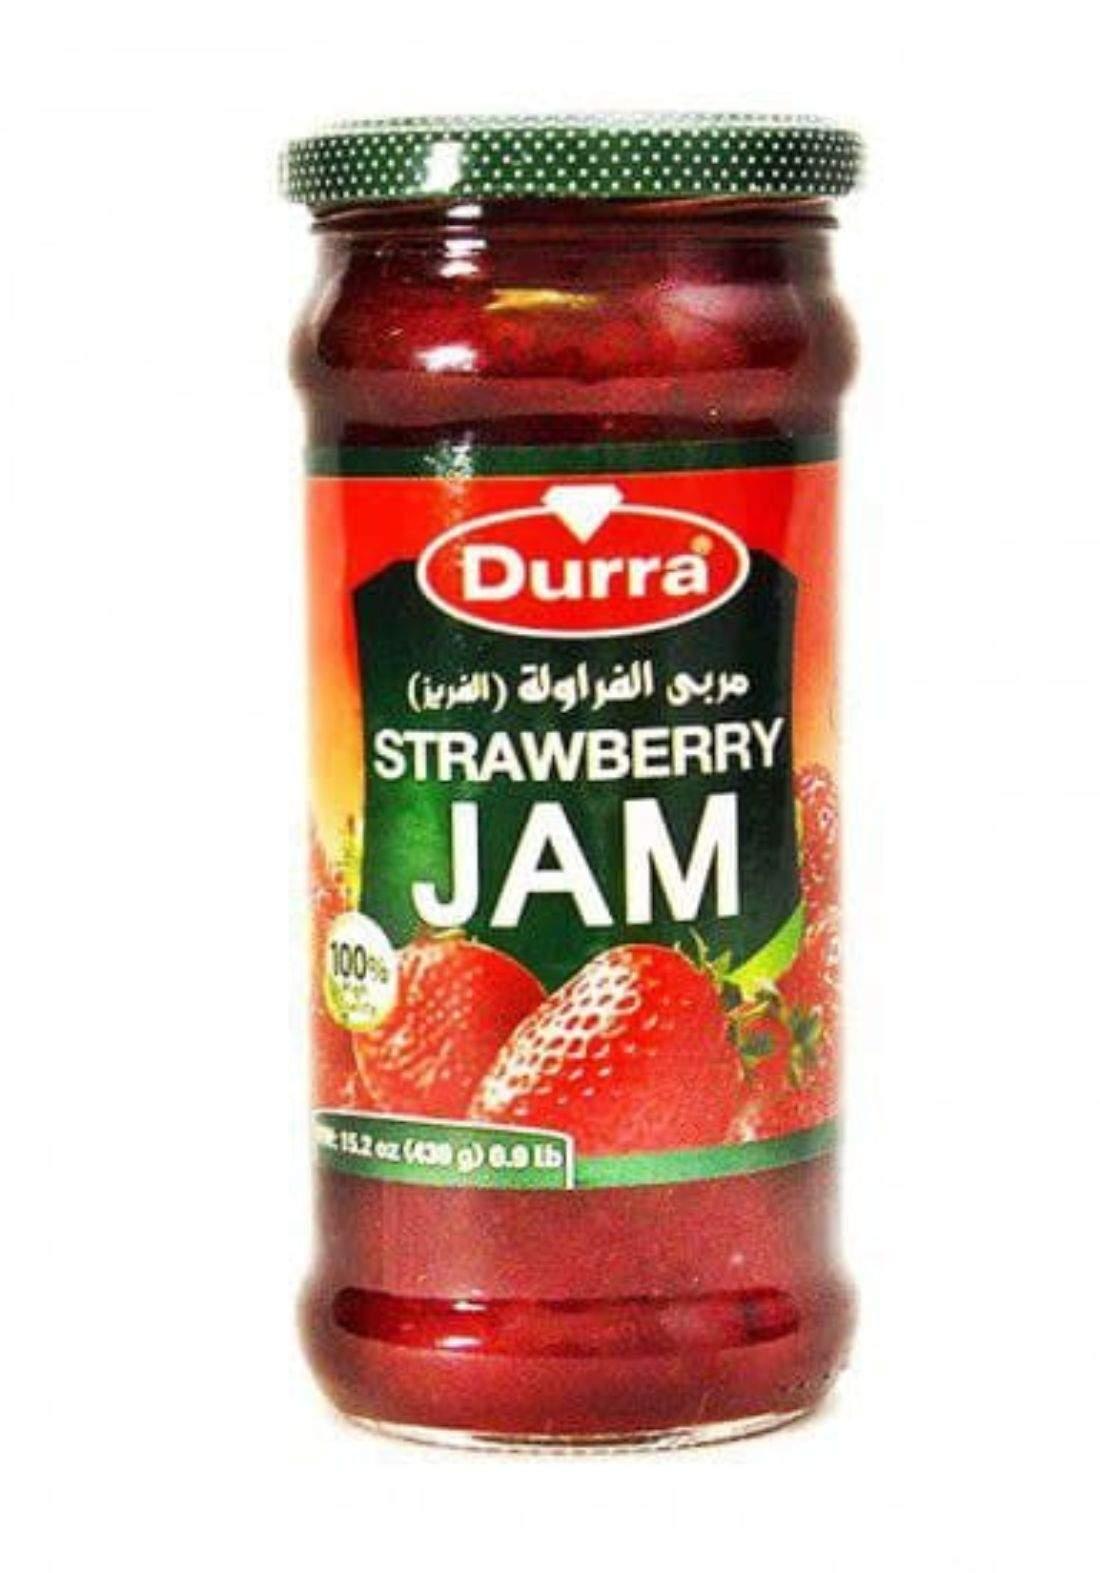 Strawberry jam 430g  مربى الفراولة